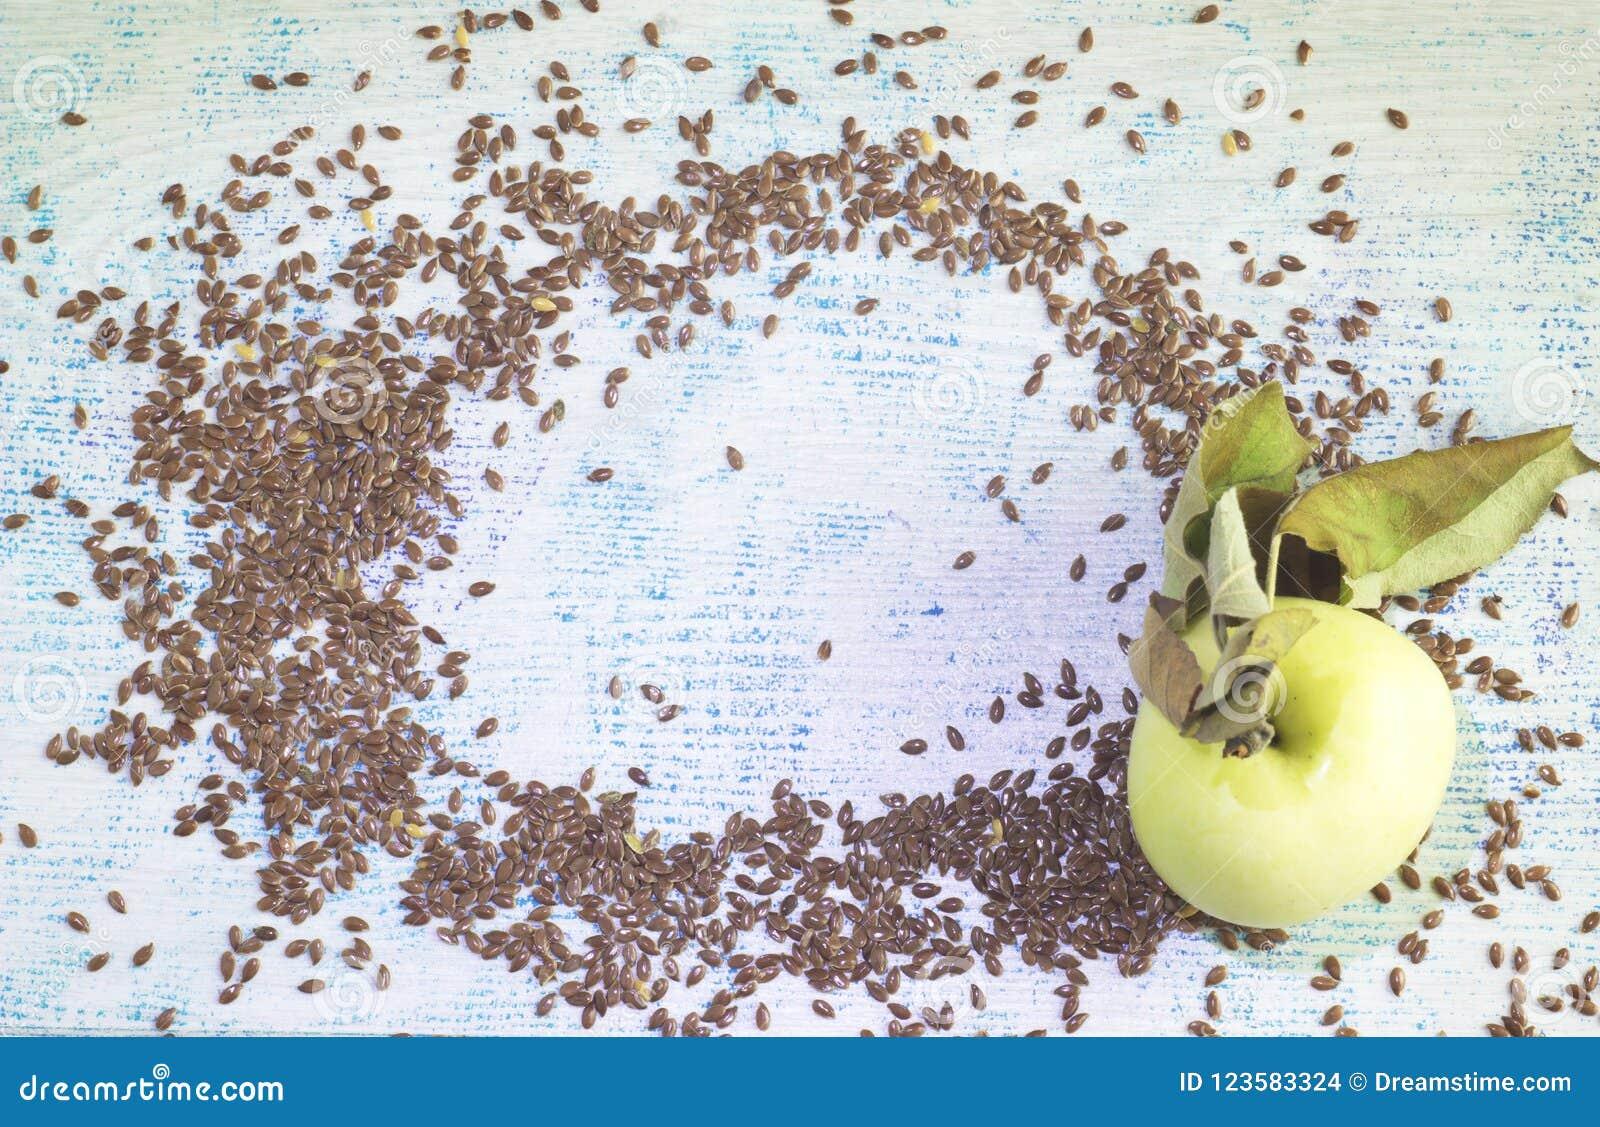 grani di semi di lino per perdita di peso